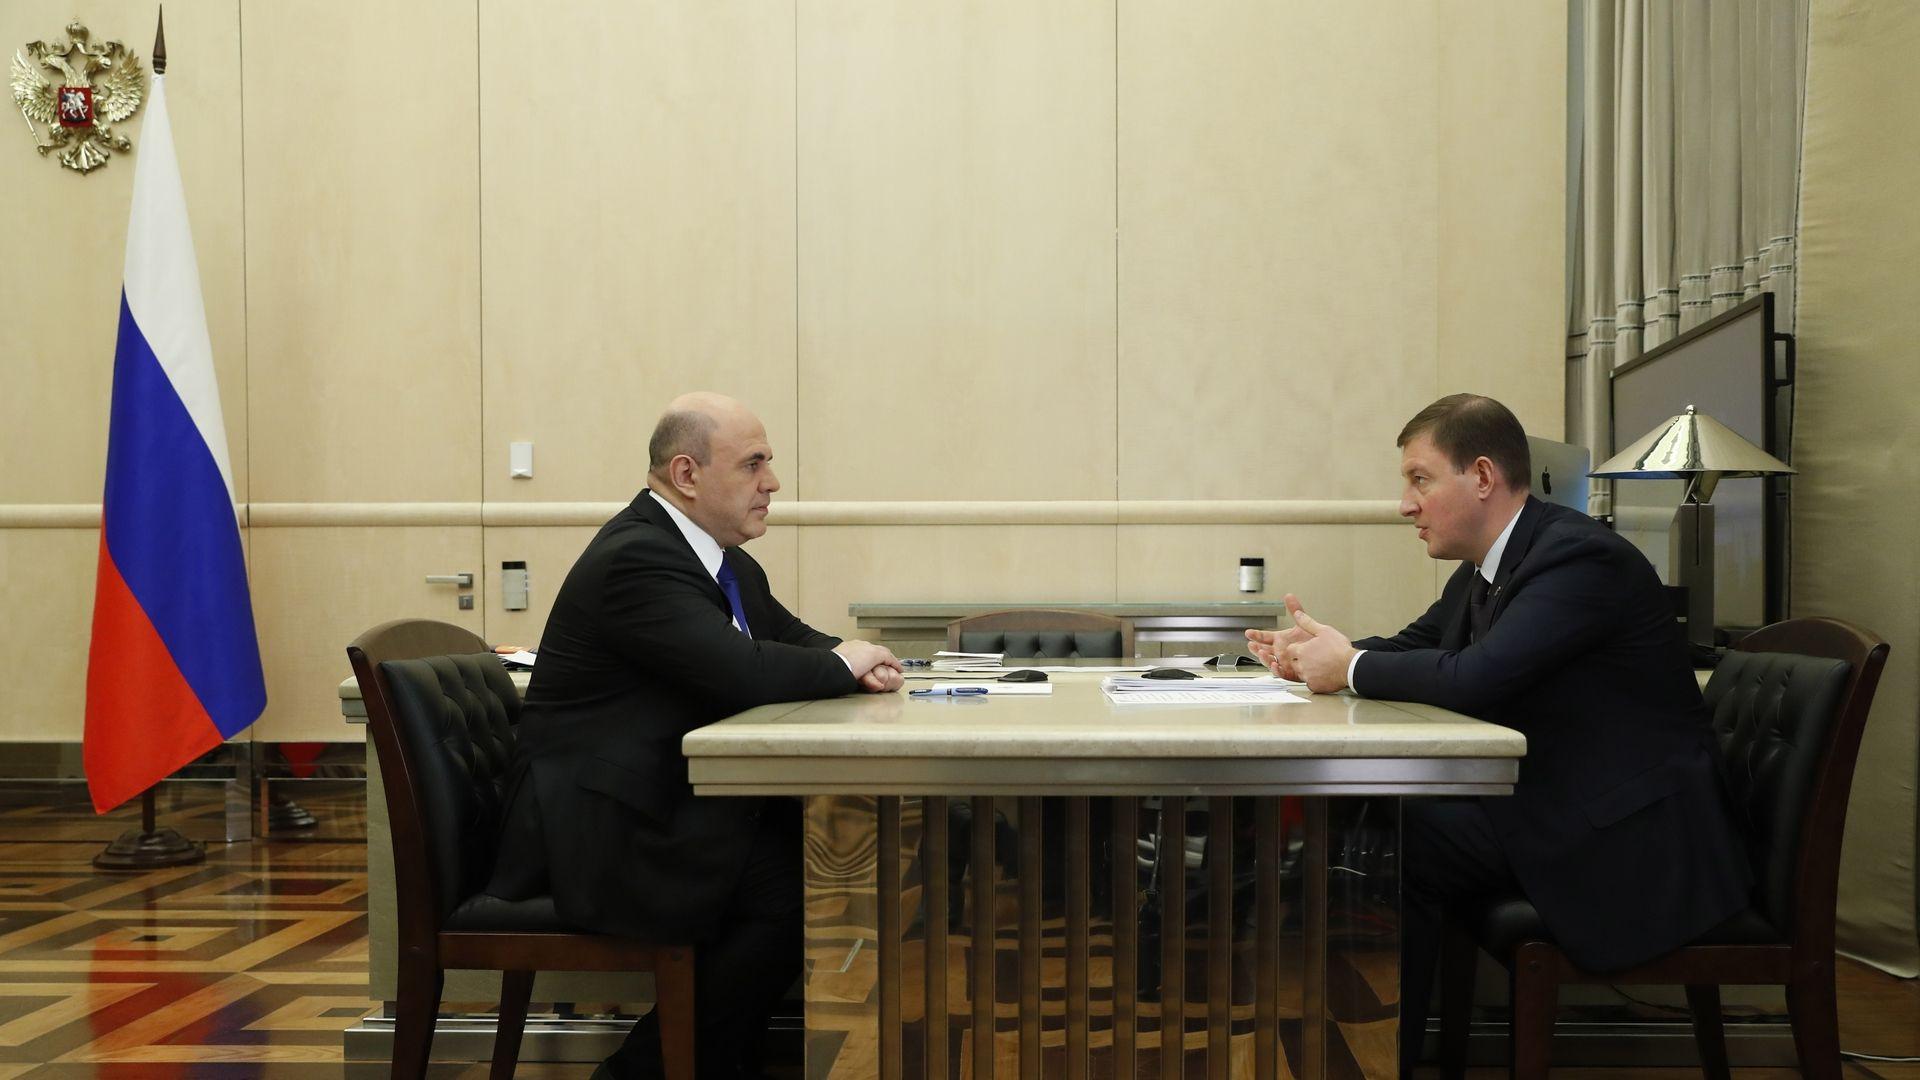 Встреча Михаила Мишустина с секретарём Генсовета партии «Единая Россия» Андреем Турчаком